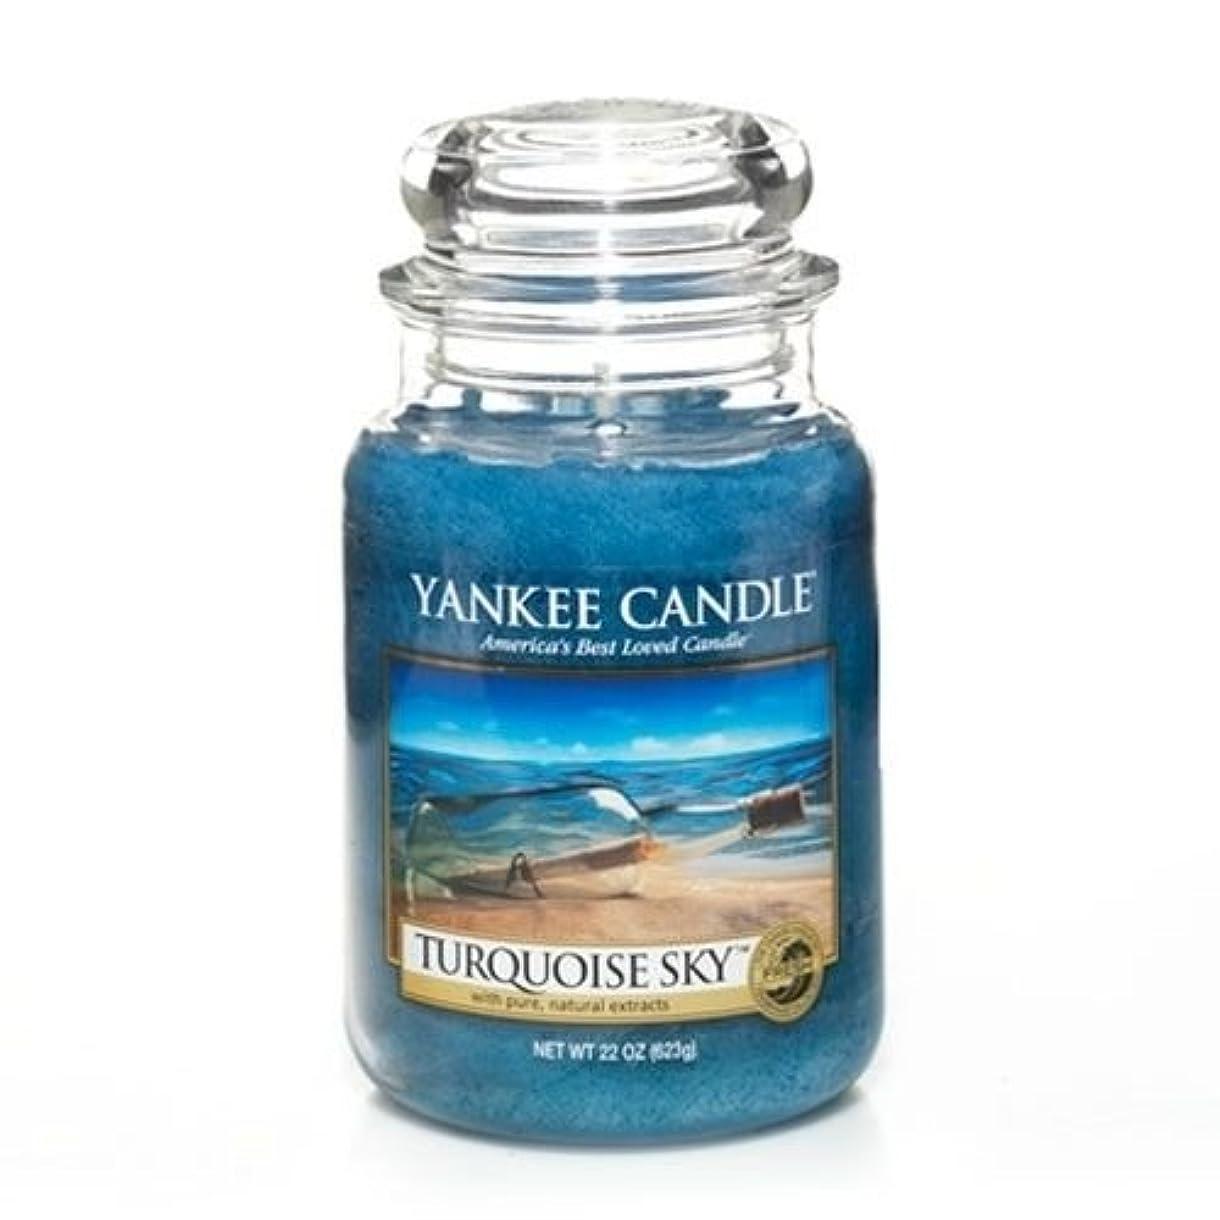 たくさんの誇りに思う数学YankeeキャンドルターコイズSky Large Jar Candle、新鮮な香り